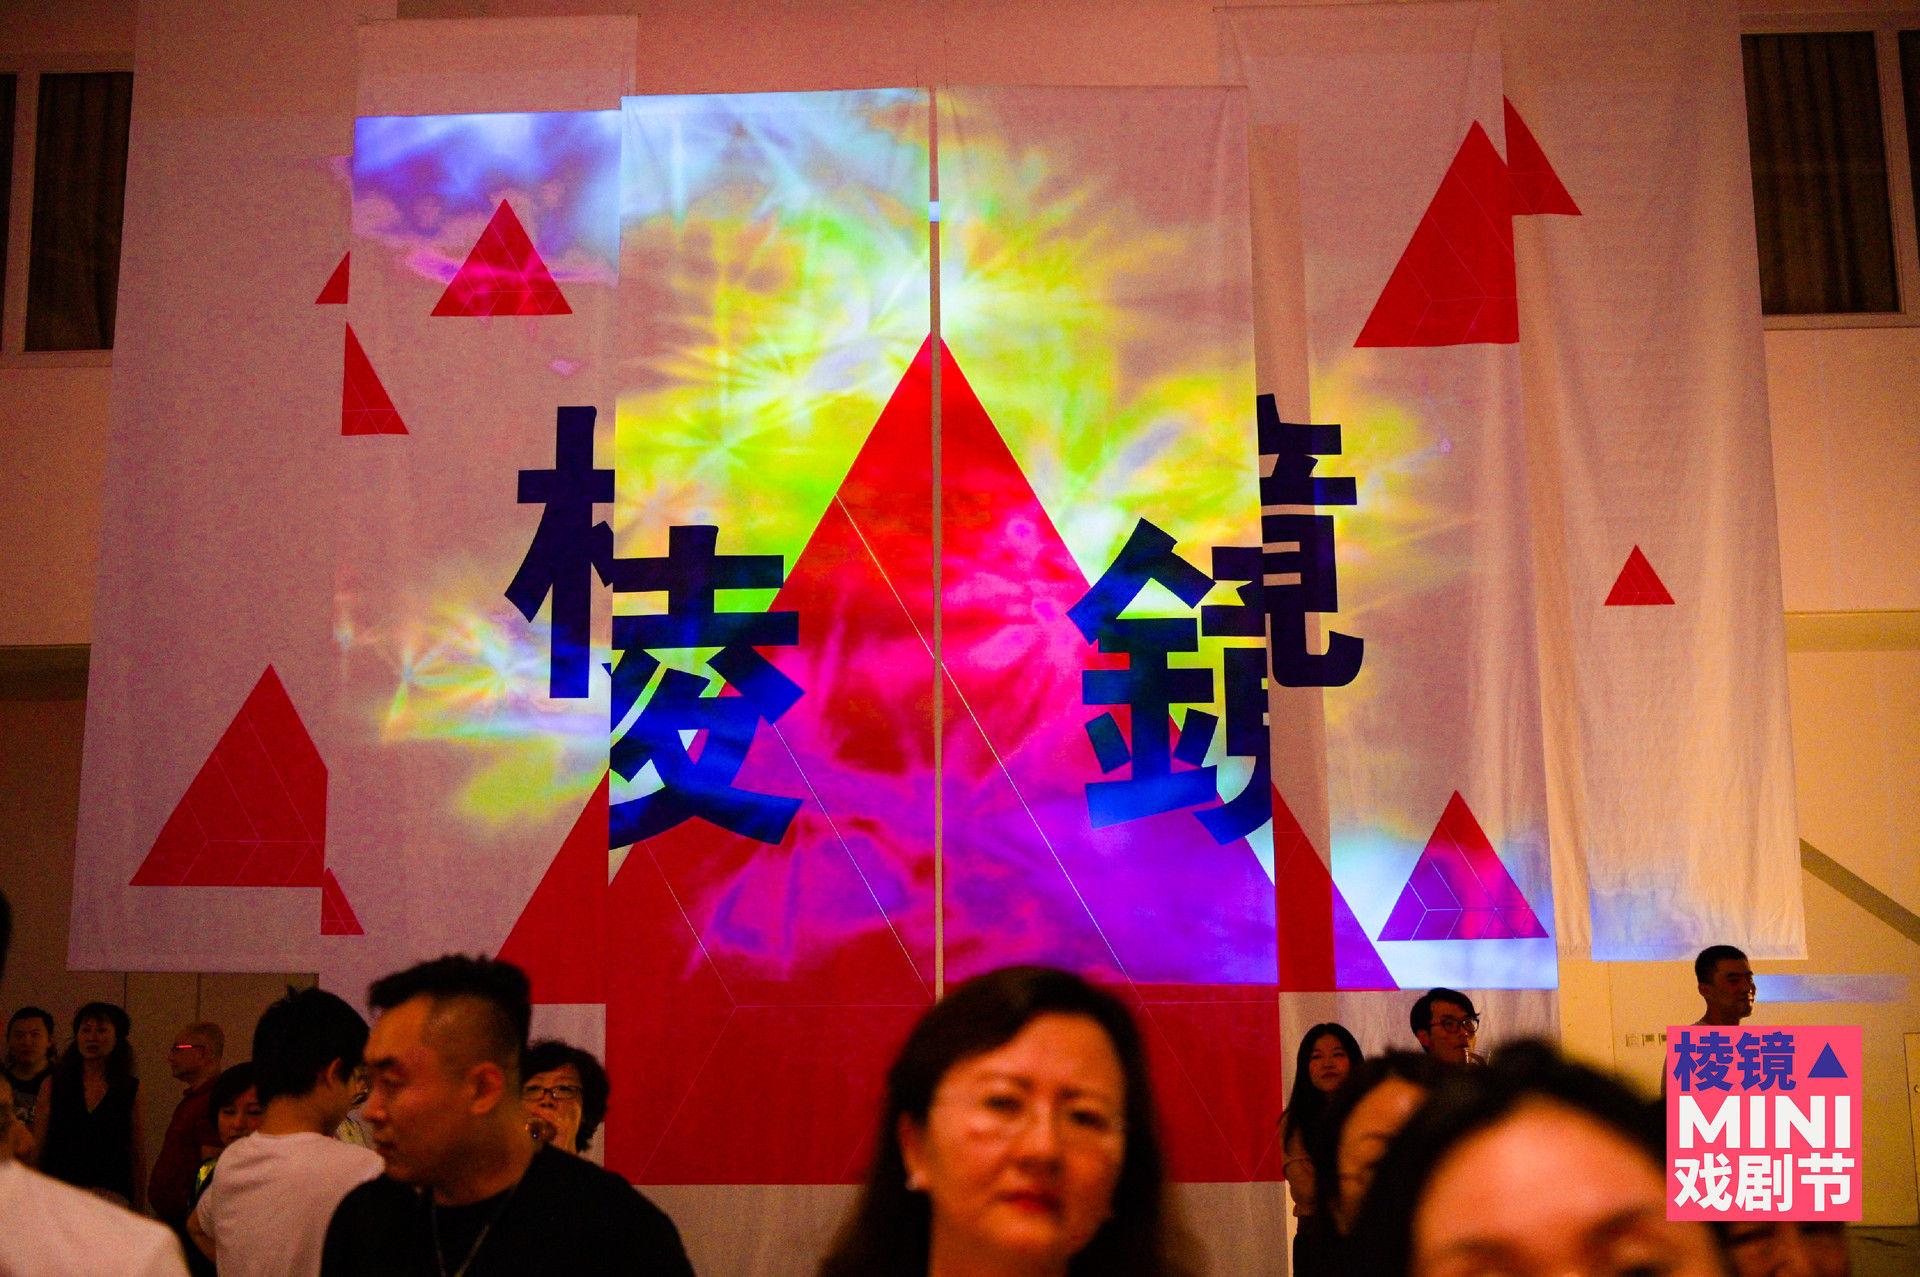 首届棱镜MINI戏剧节暨第八届郎园国际创意文化节开幕